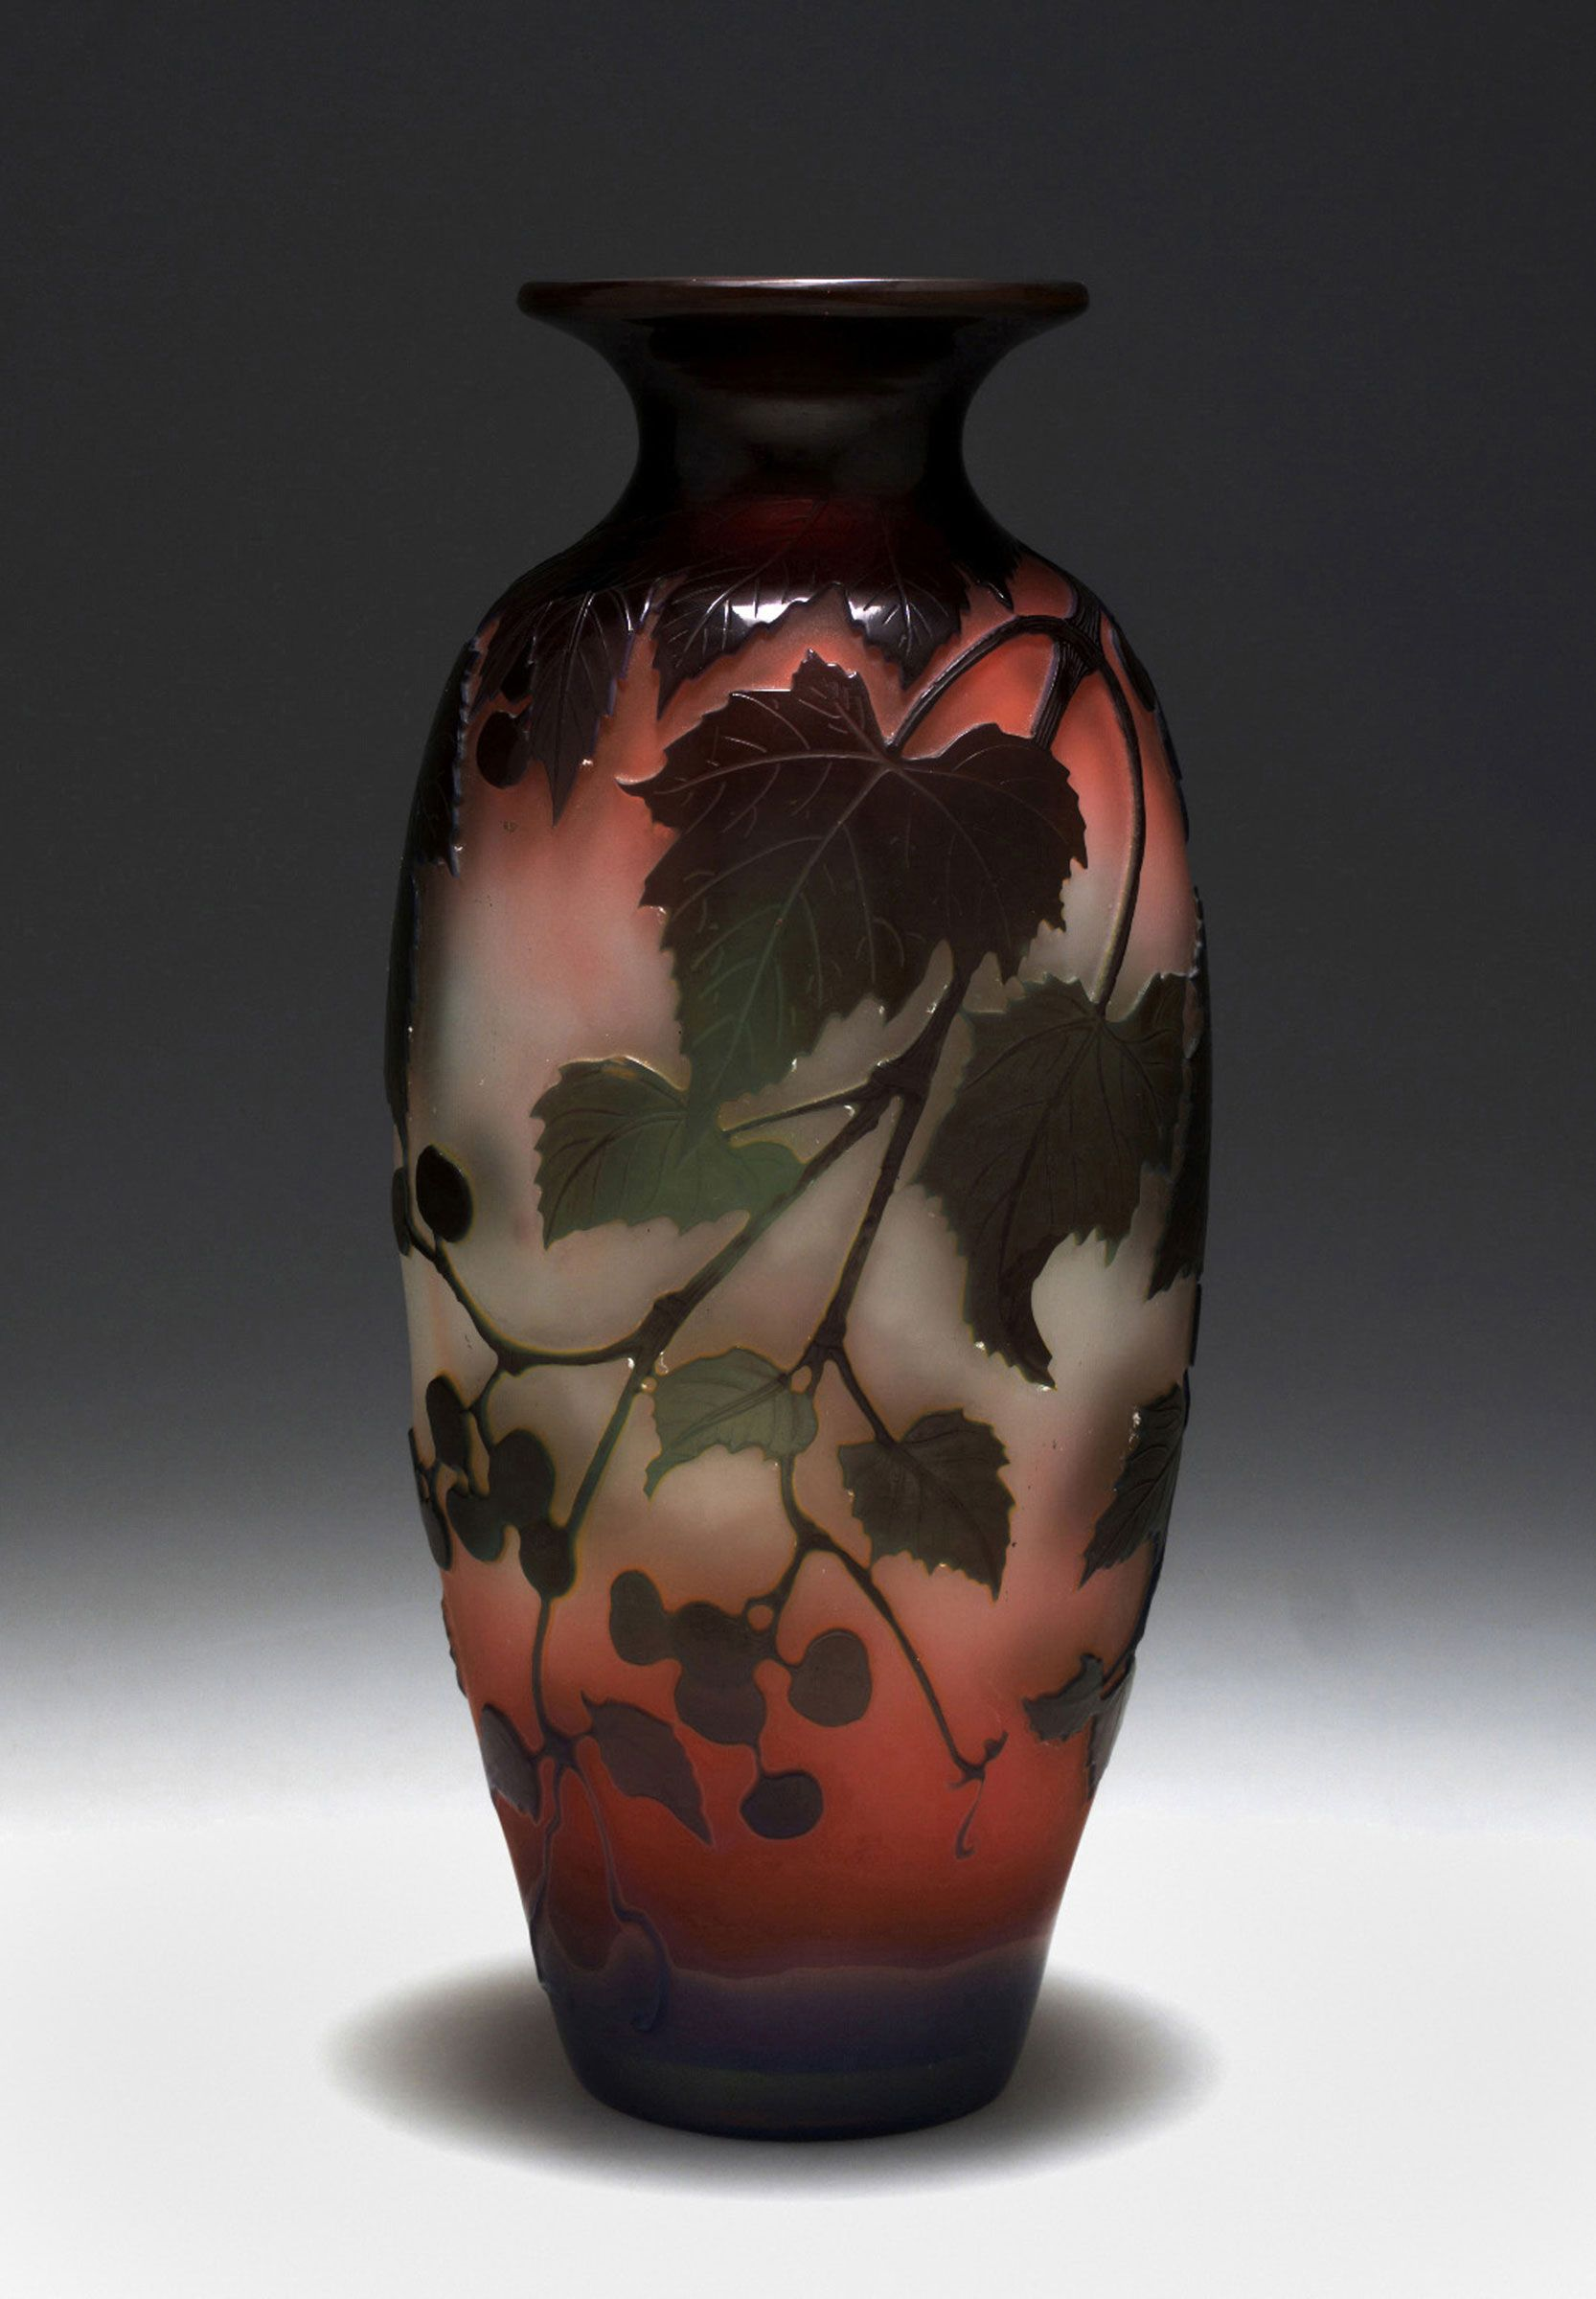 shattered glass vases glass art broken glass jars vase